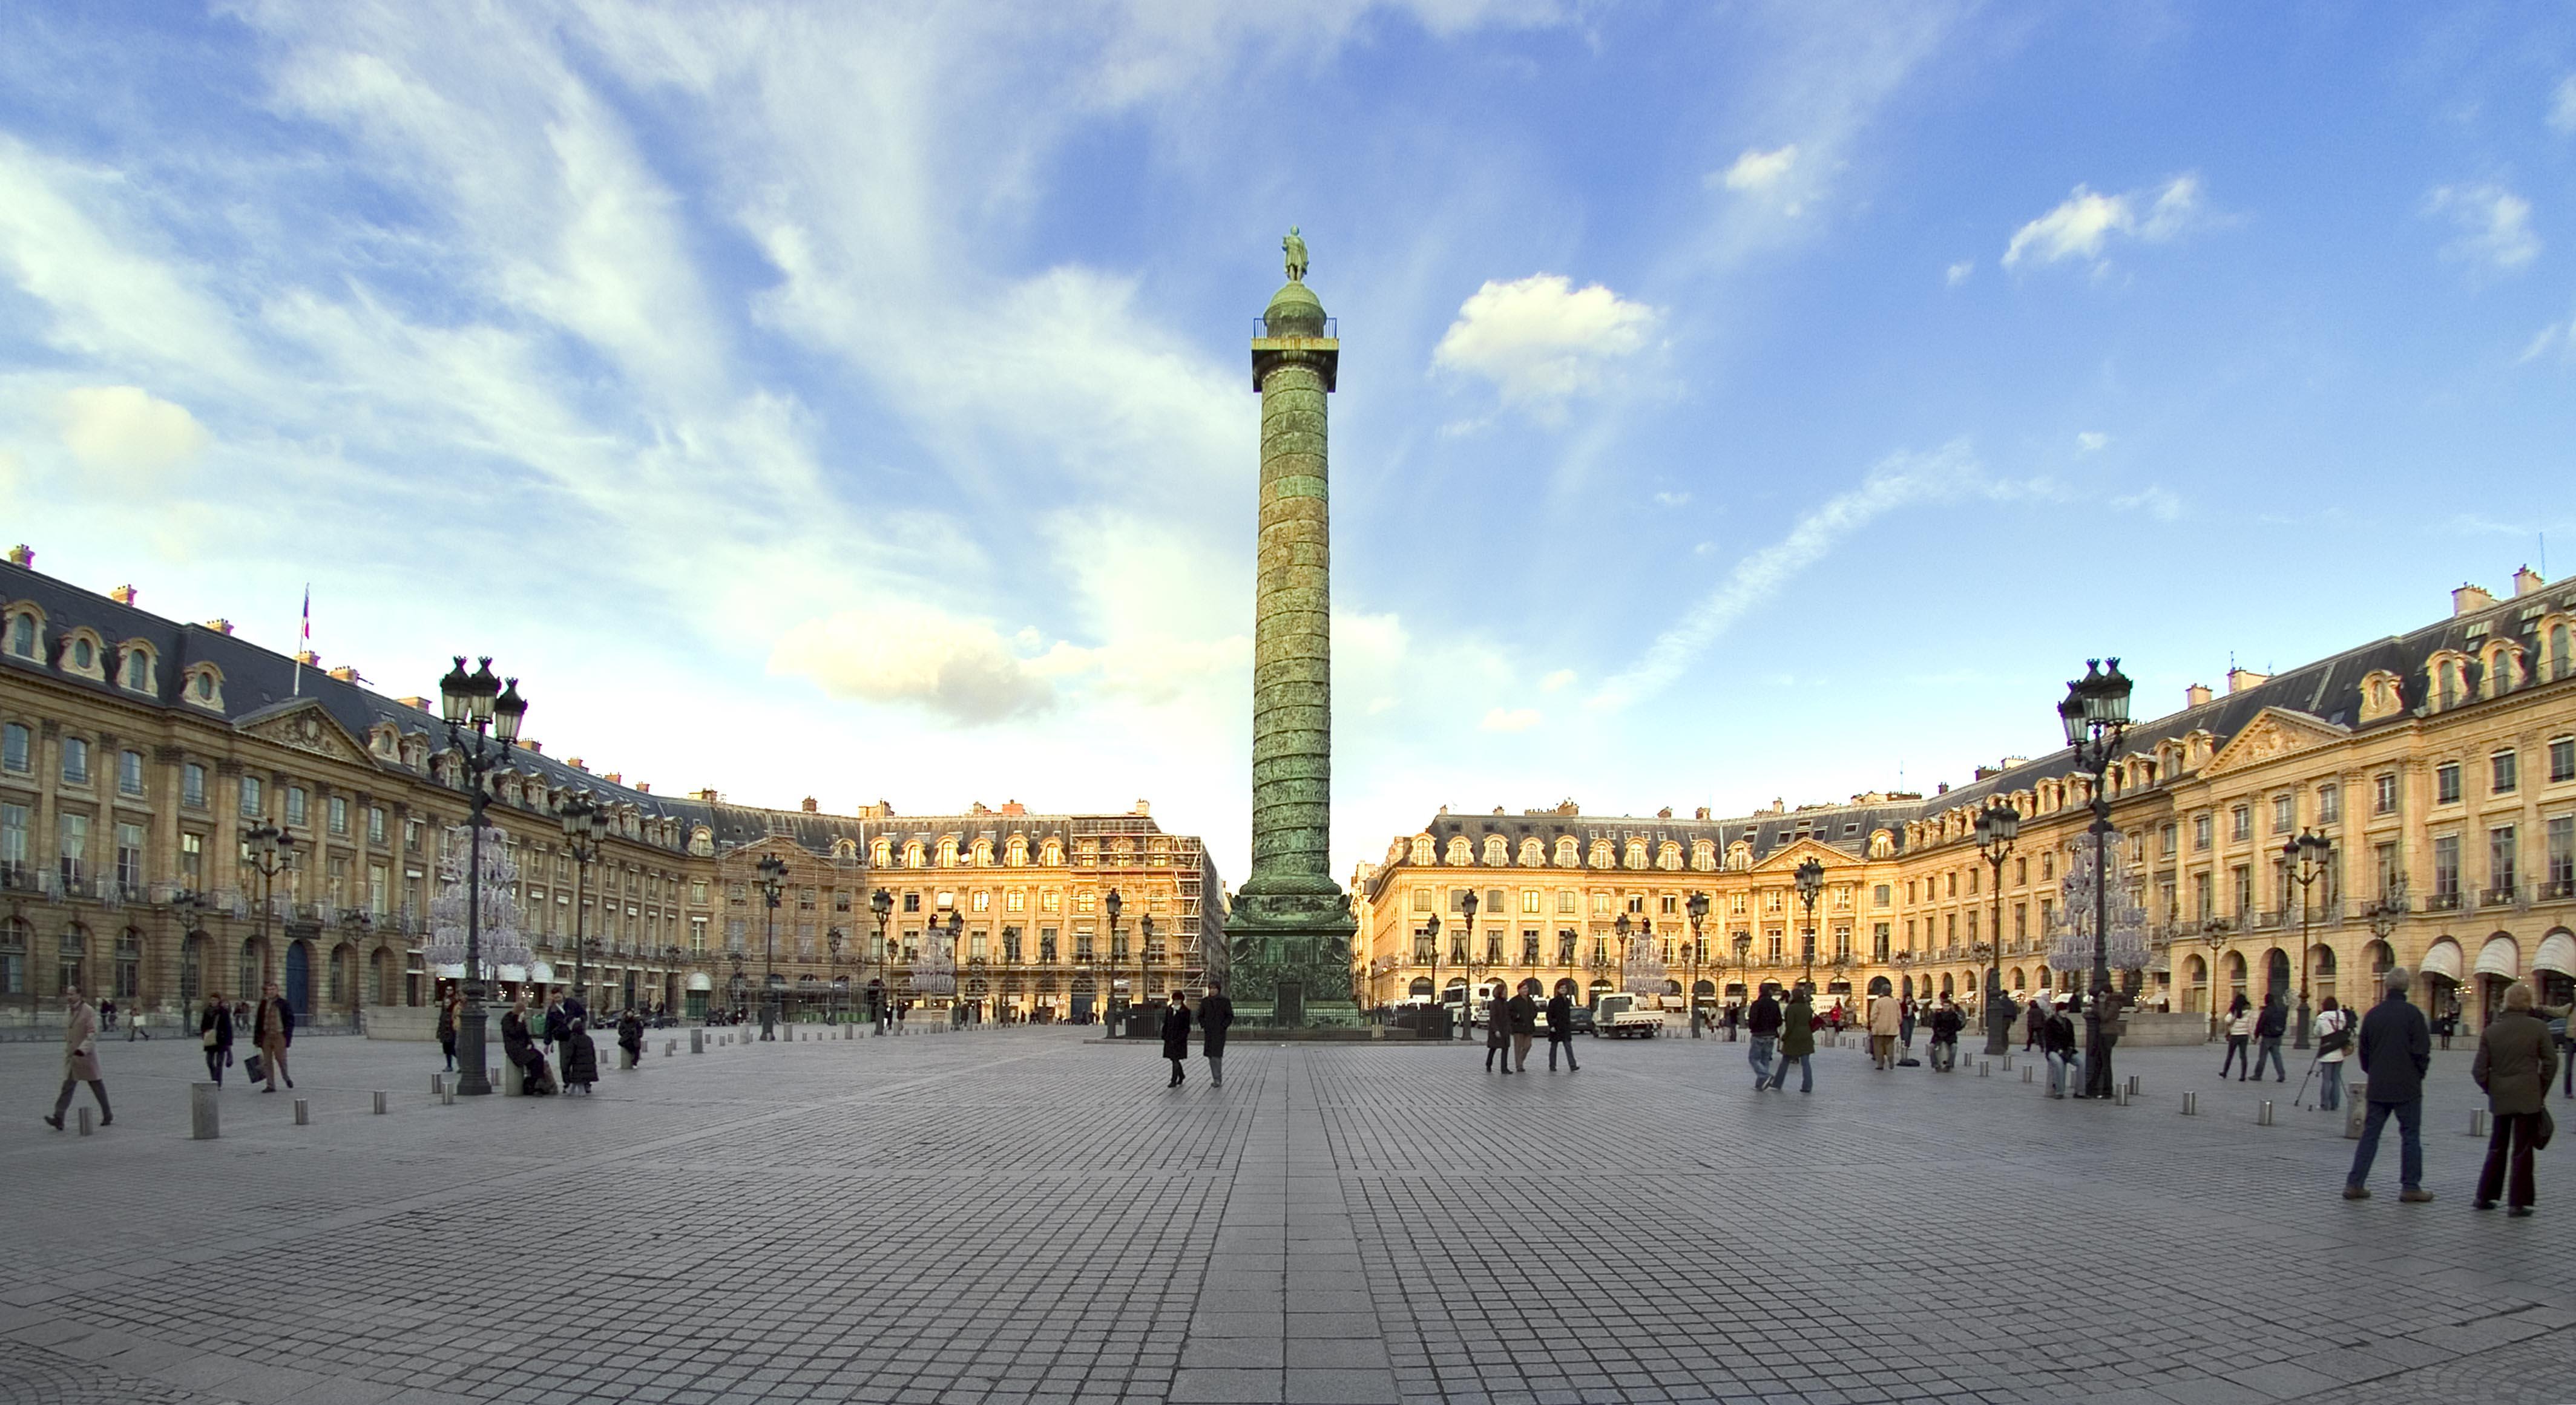 میدان وندوم پاریس